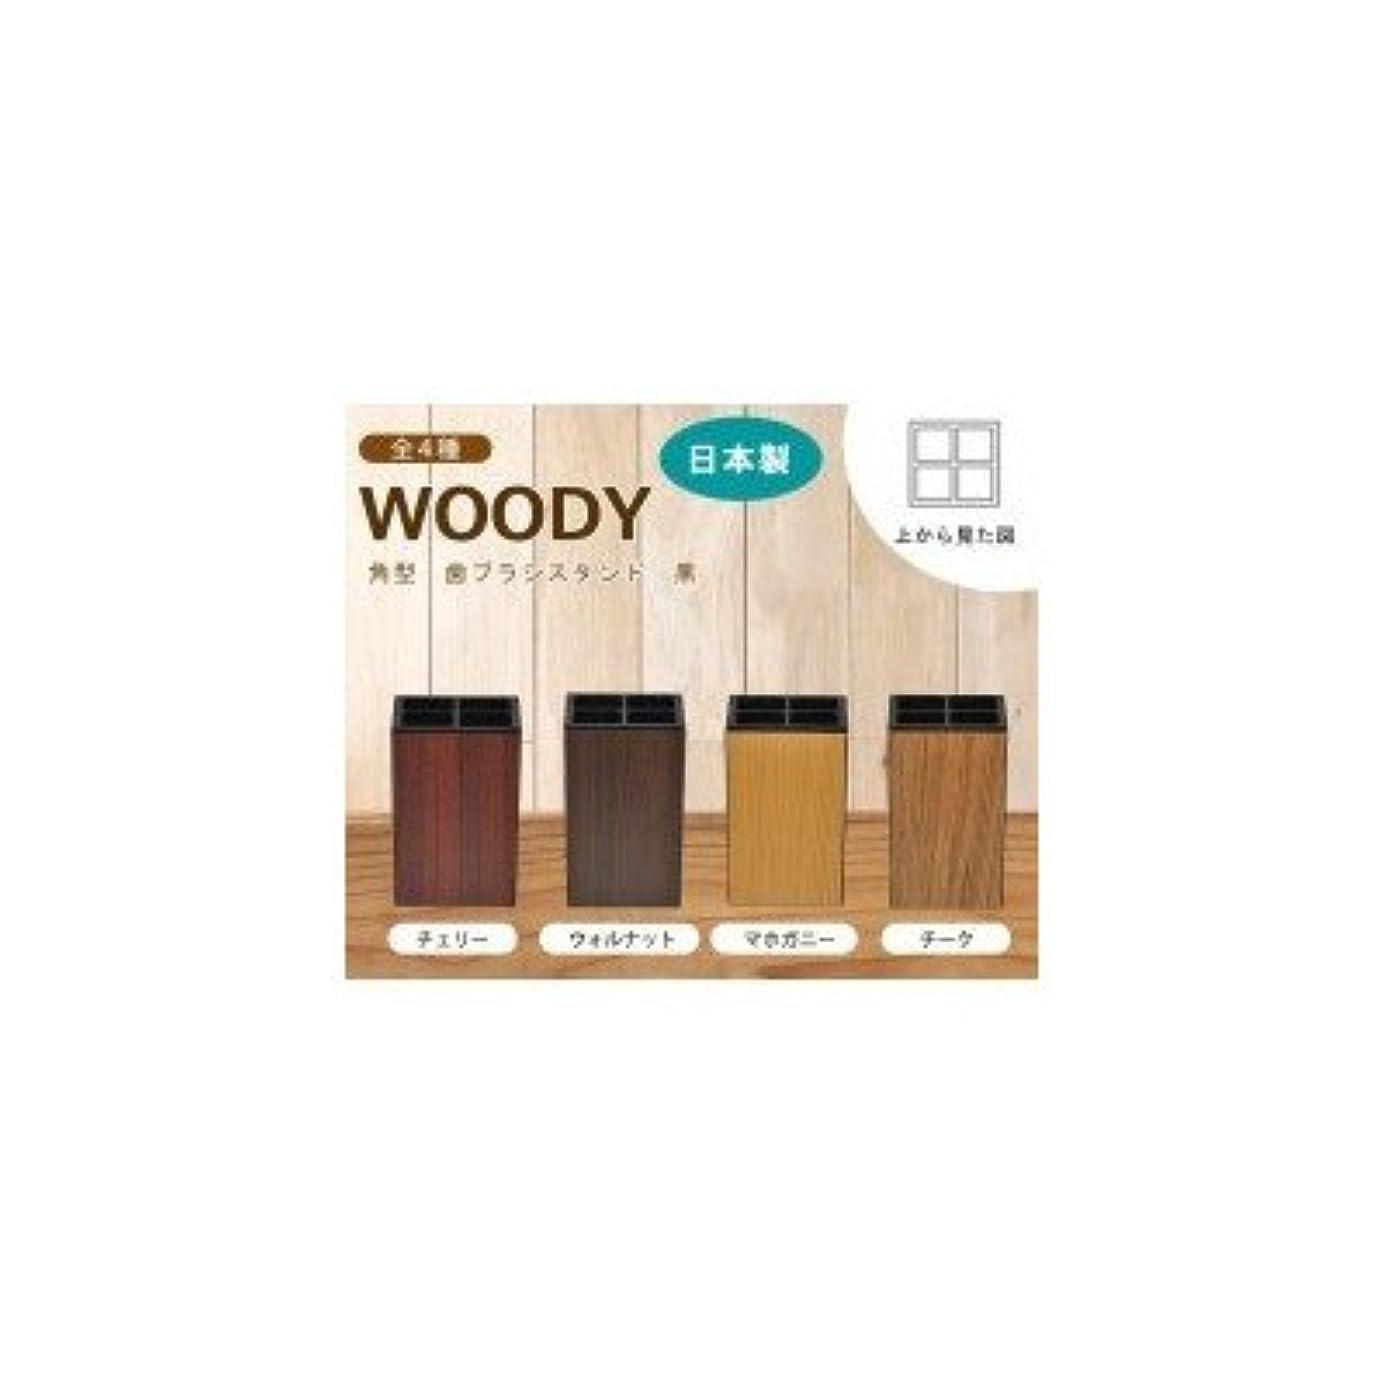 十分ブロンズ寸前日本製 WOODY ウッディ 角型 歯ブラシスタンド 黒 チーク?13-450369( 画像はイメージ画像です お届けの商品はチーク?13-450369のみとなります)